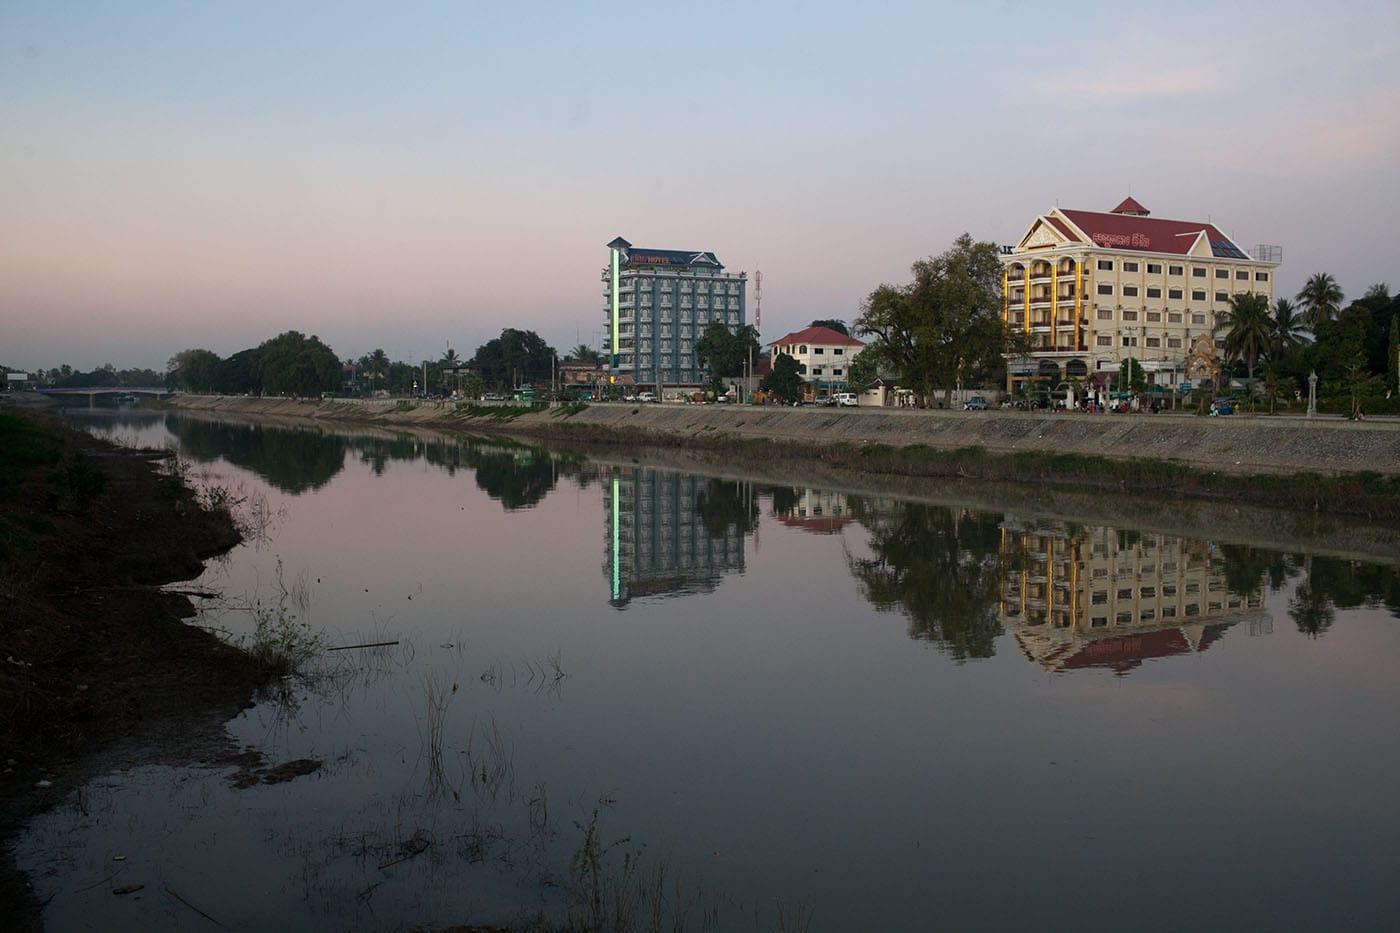 Things to do in Battambang, Cambodia